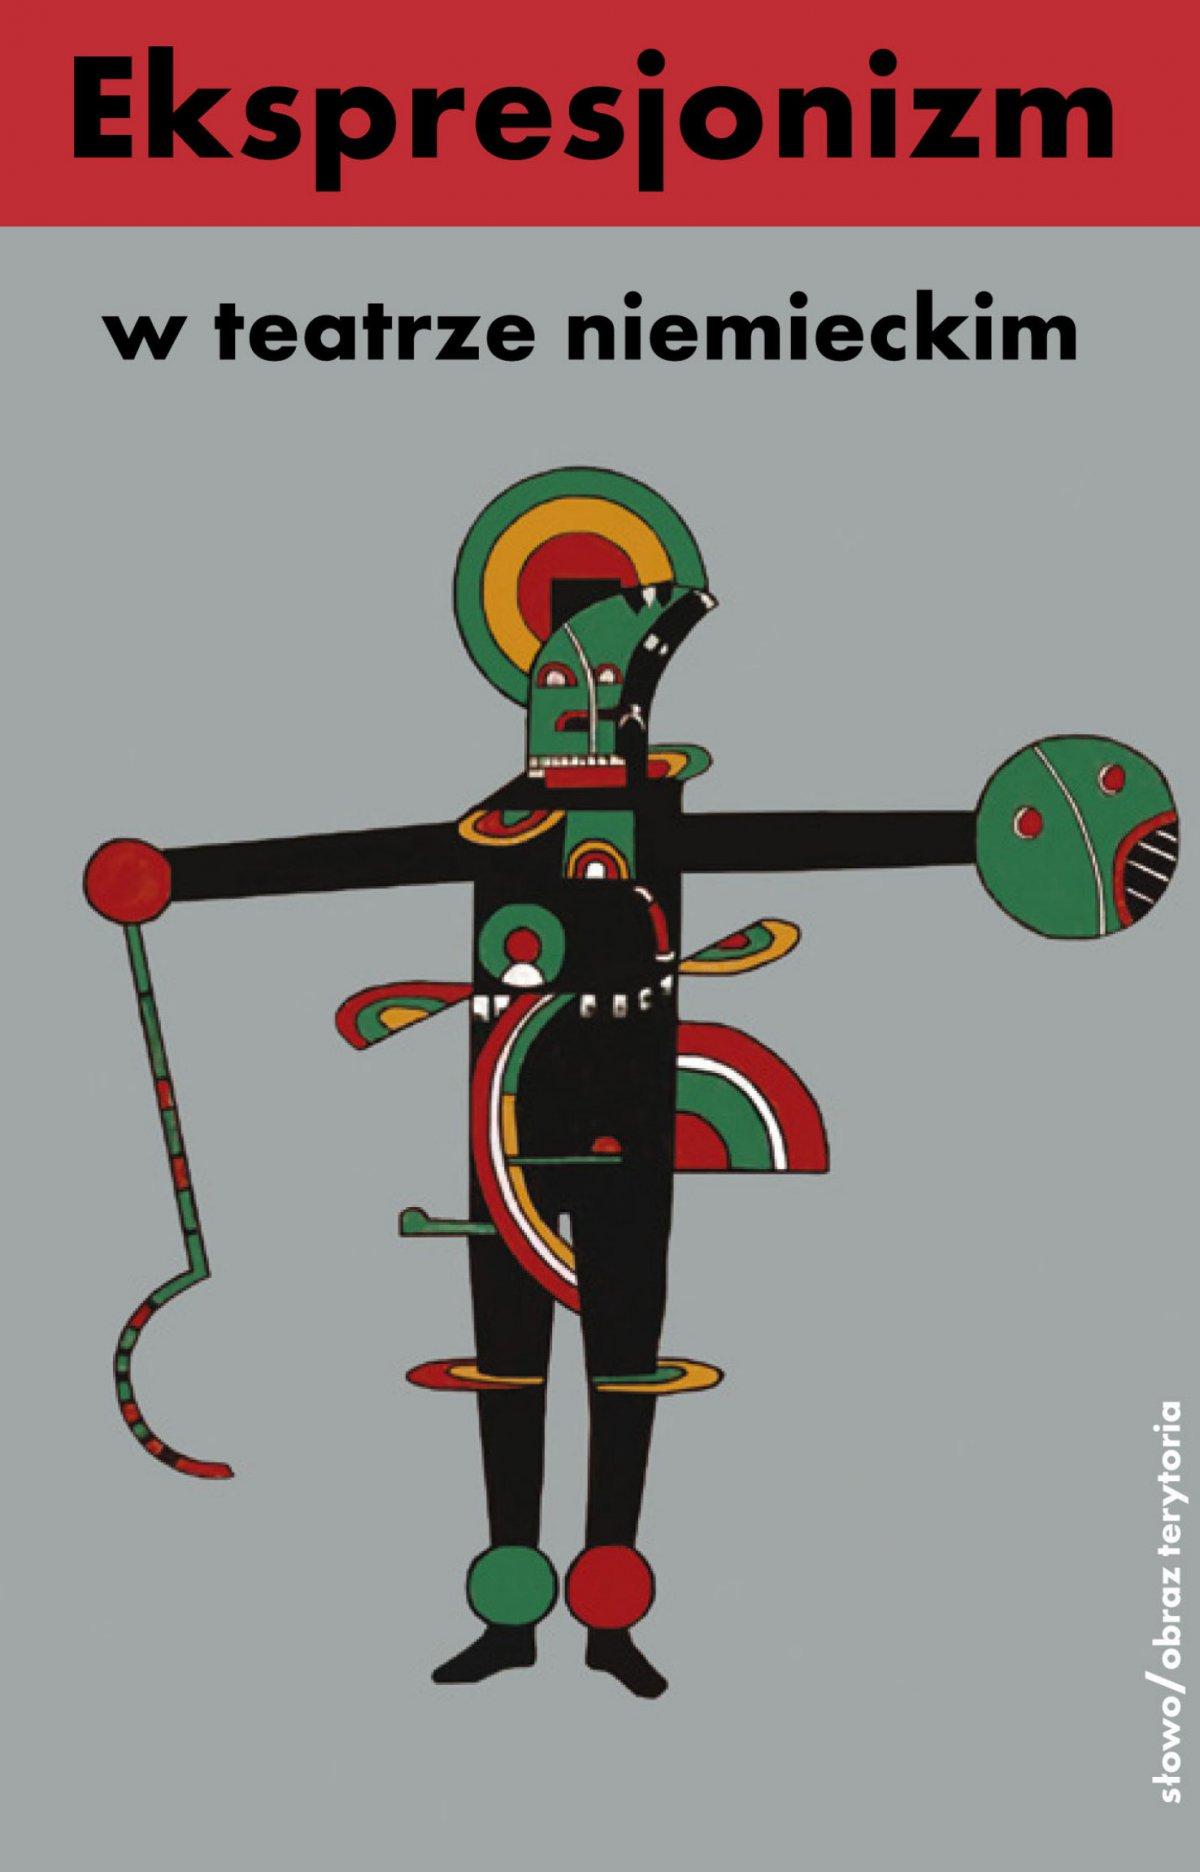 Ekspresjonizm w teatrze niemieckim - Ebook (Książka EPUB) do pobrania w formacie EPUB